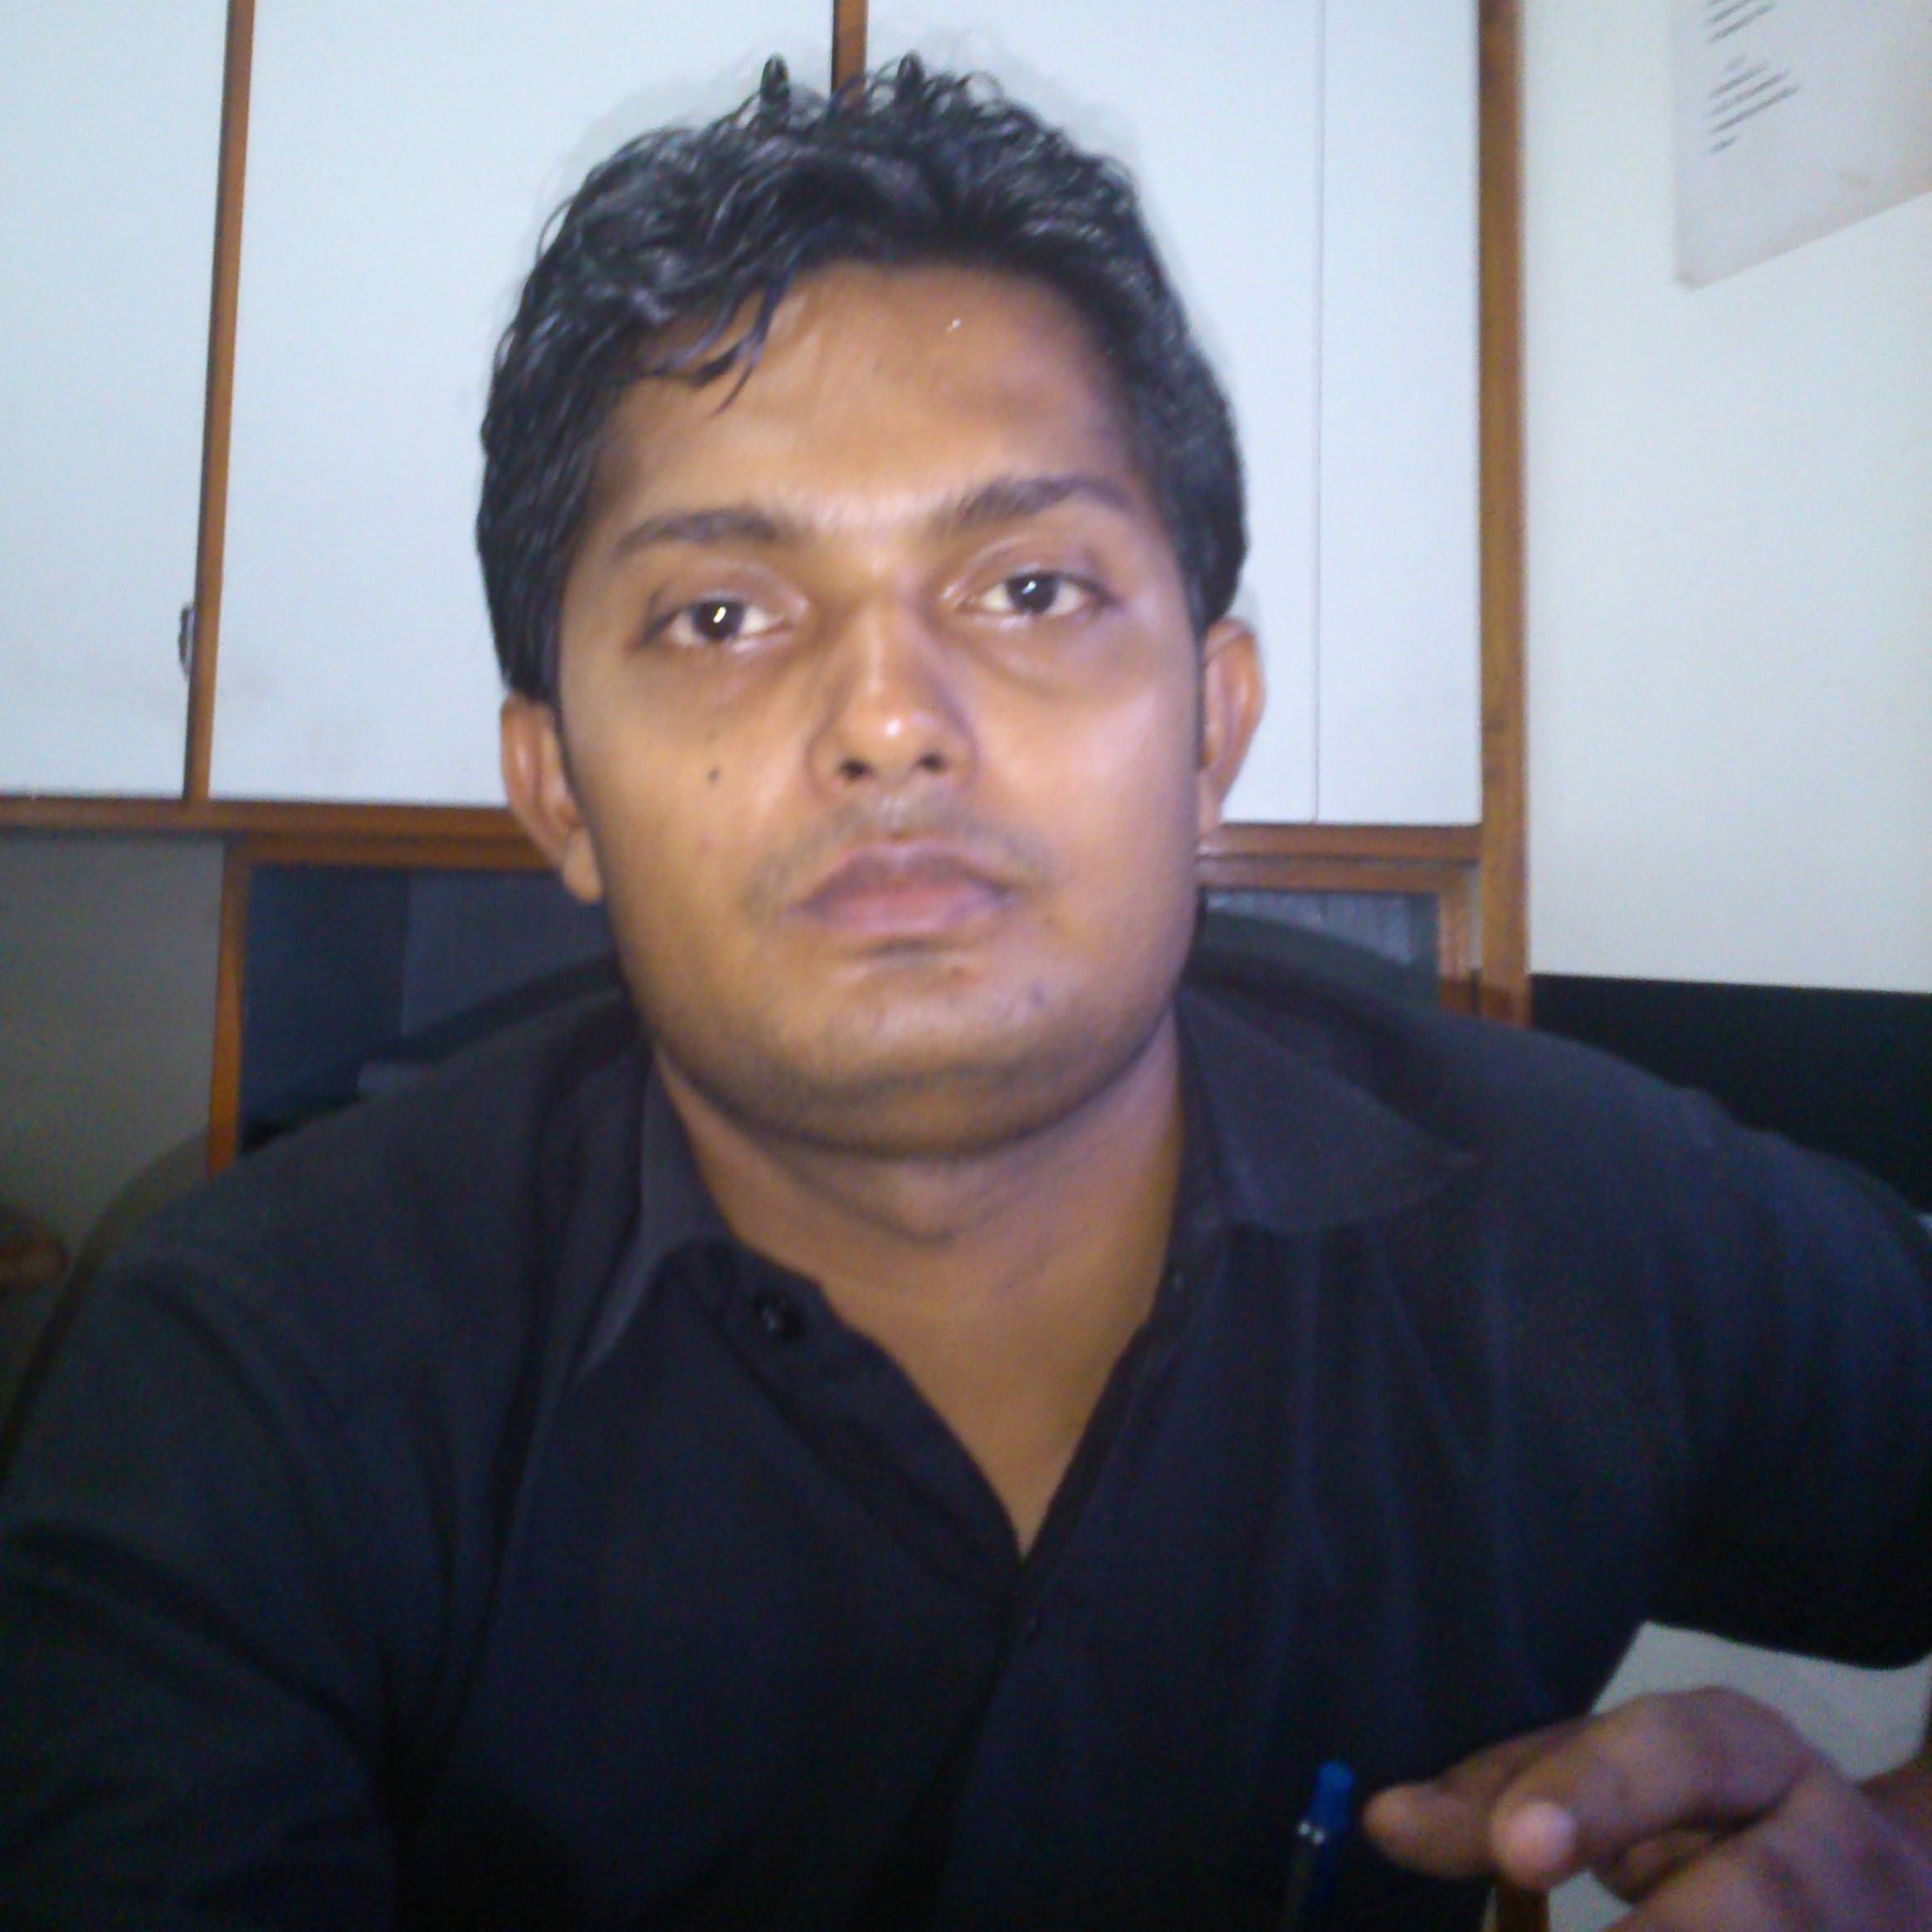 Tauhid Ansari